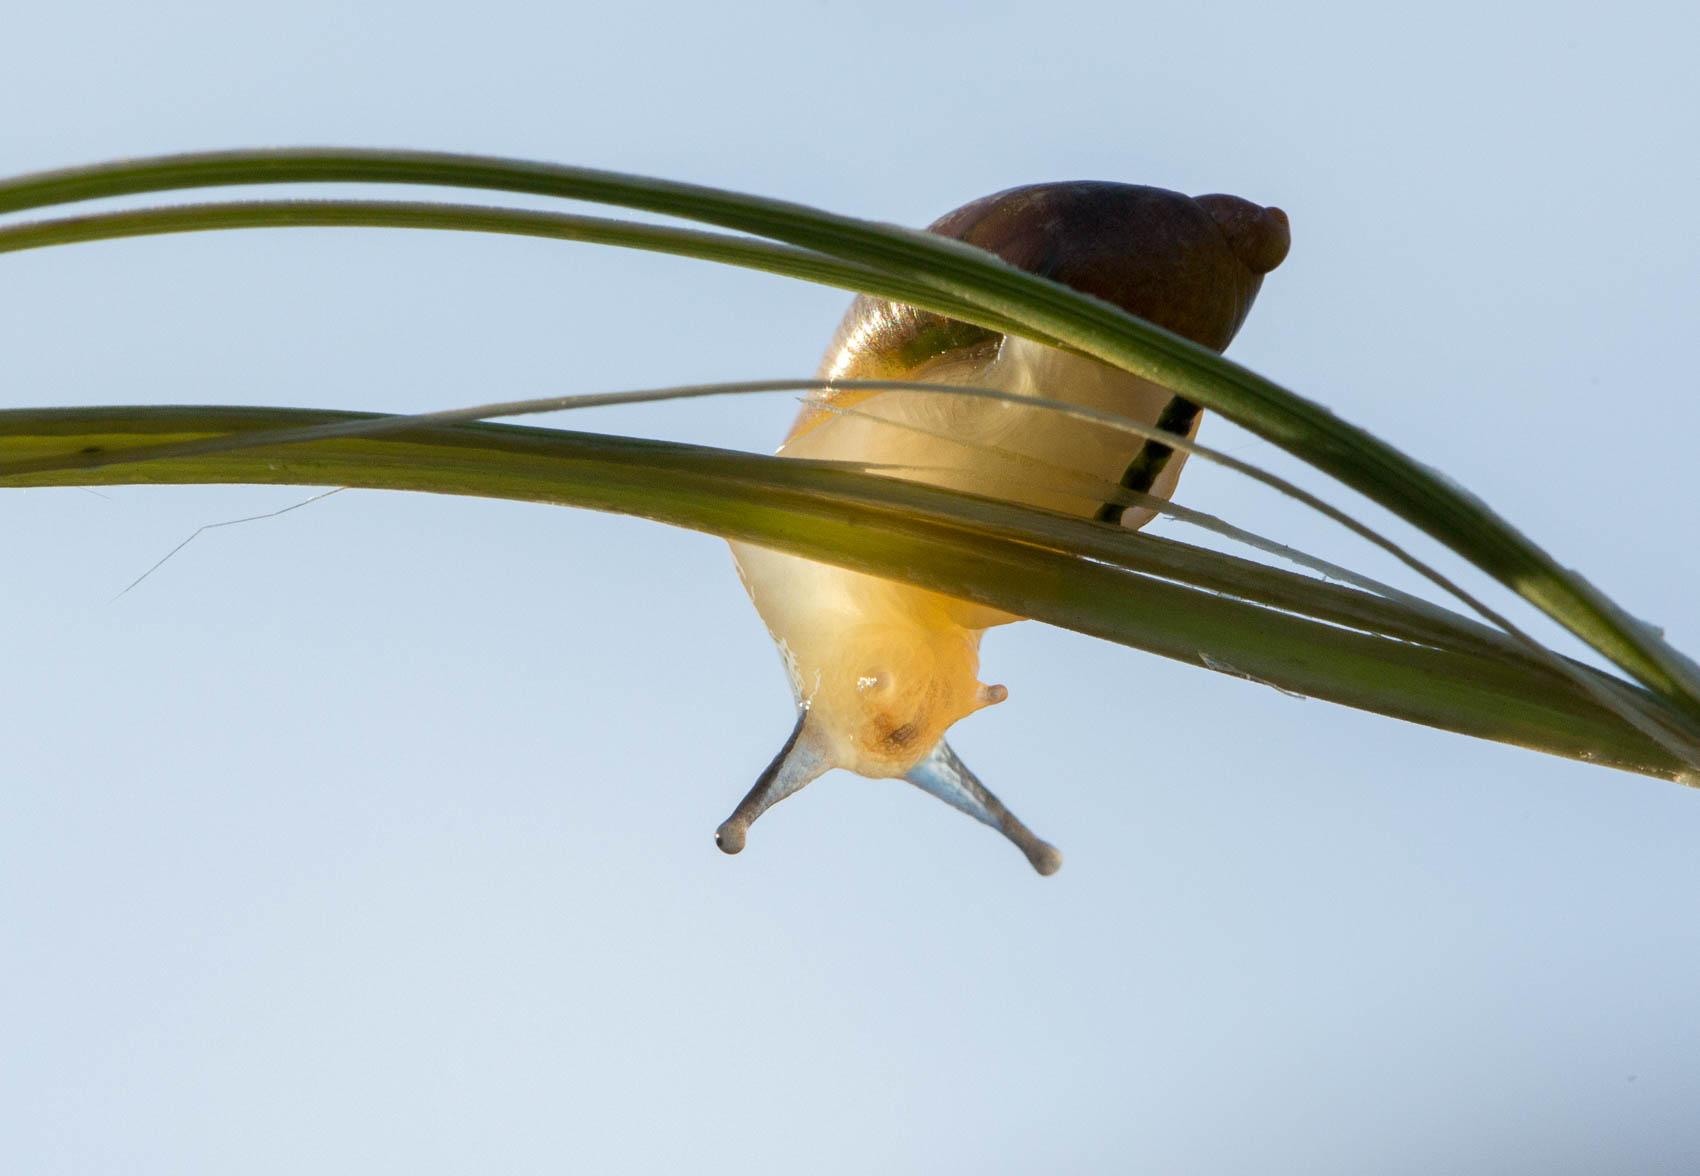 snail on grass stem